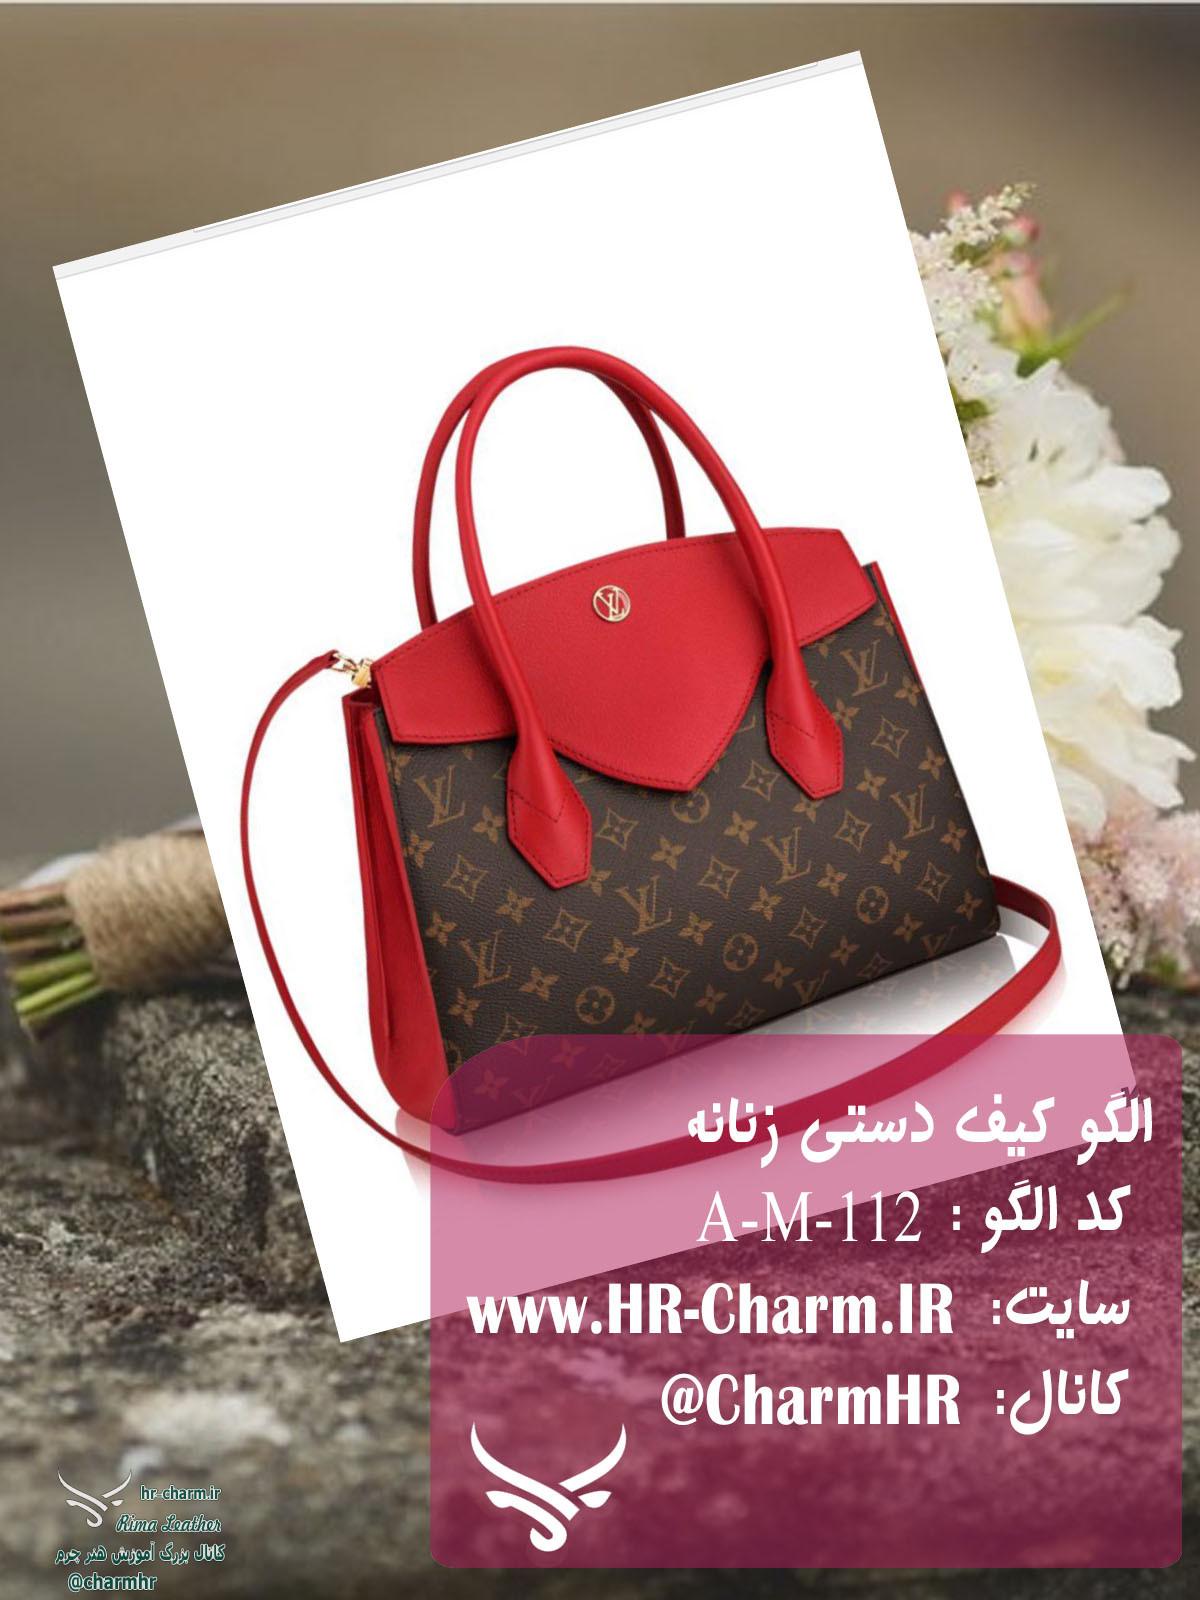 کاور A-M-112 [www.hr-charm.ir].jpg